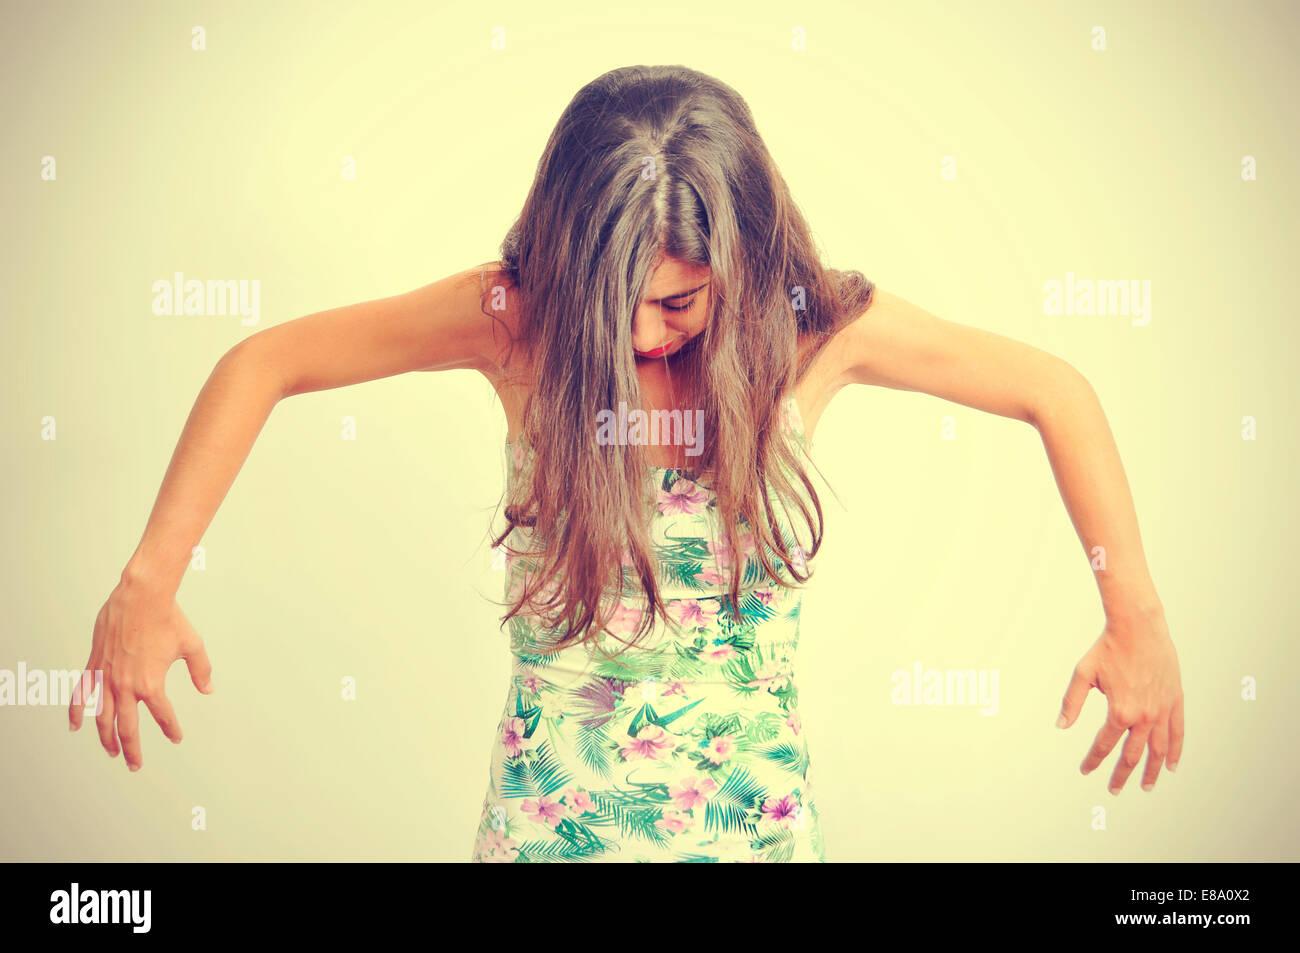 Portrait d'une jeune femme brune l'exécution de la danse contemporaine, avec un effet rétro Photo Stock